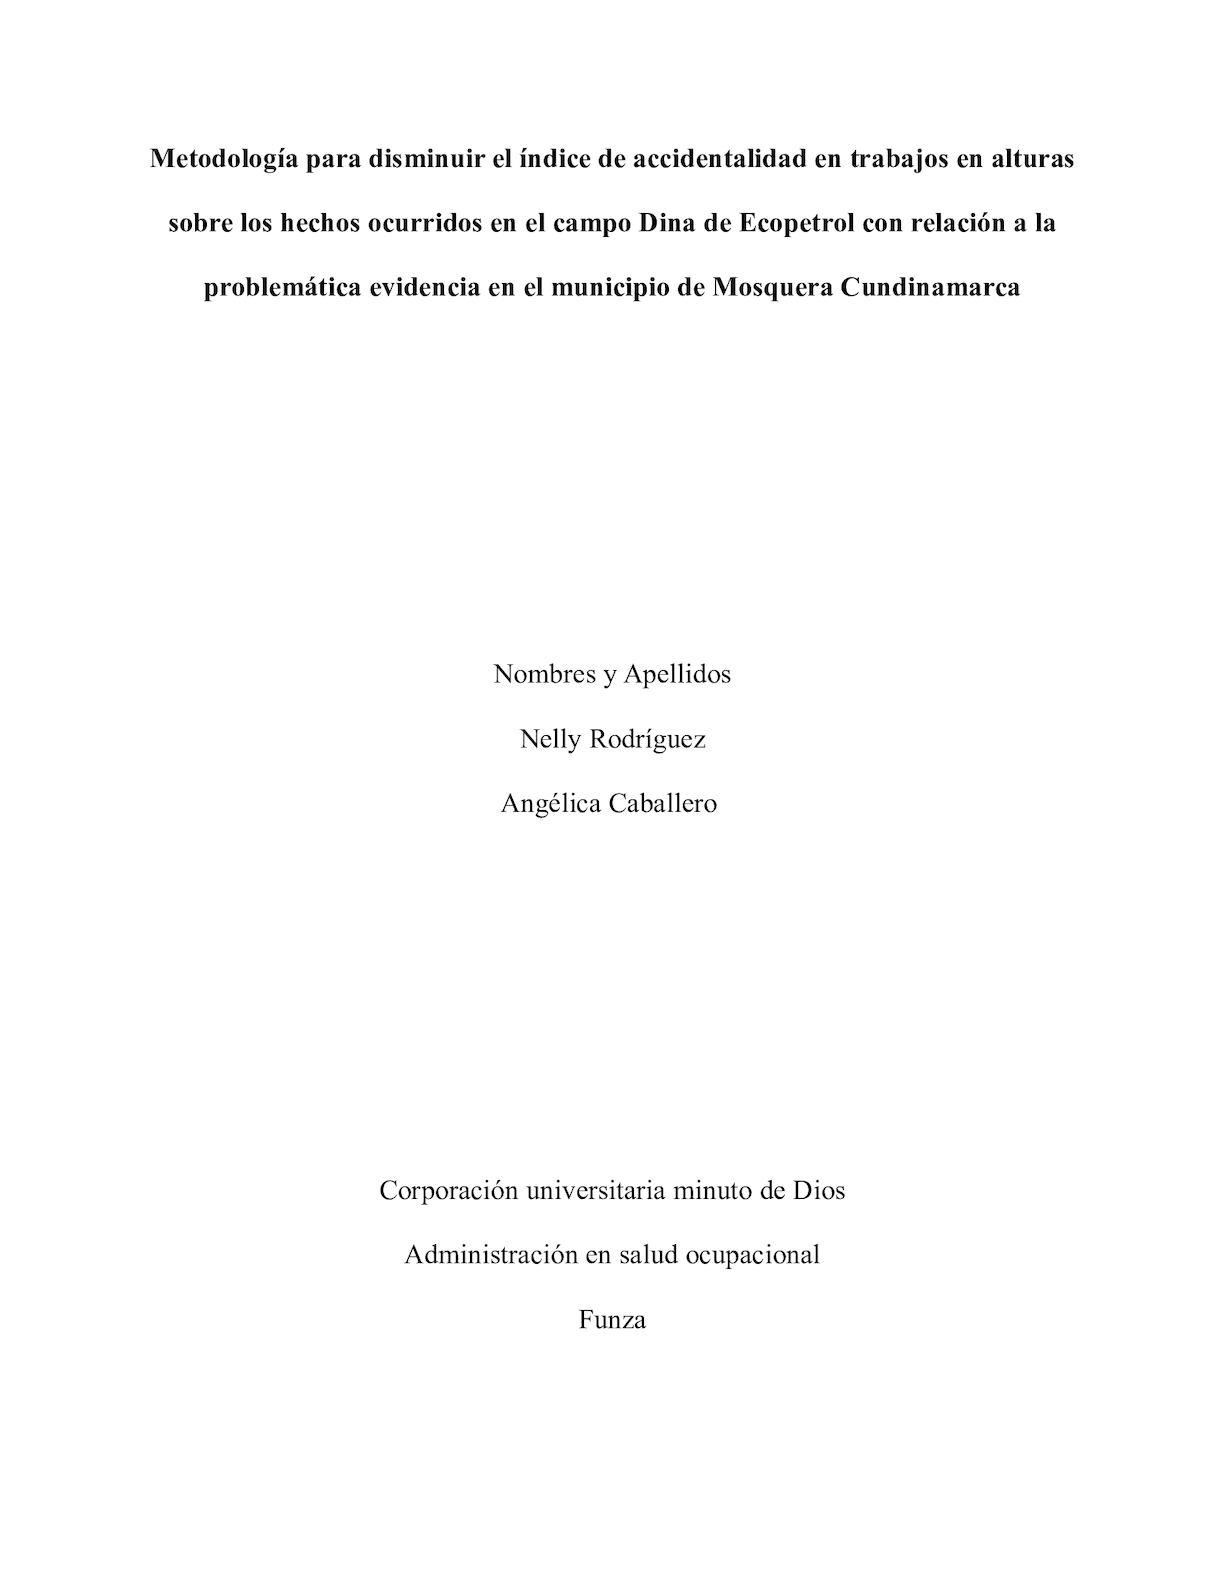 Calaméo - Proyecto Investigacion Nelly Y Angelica Final